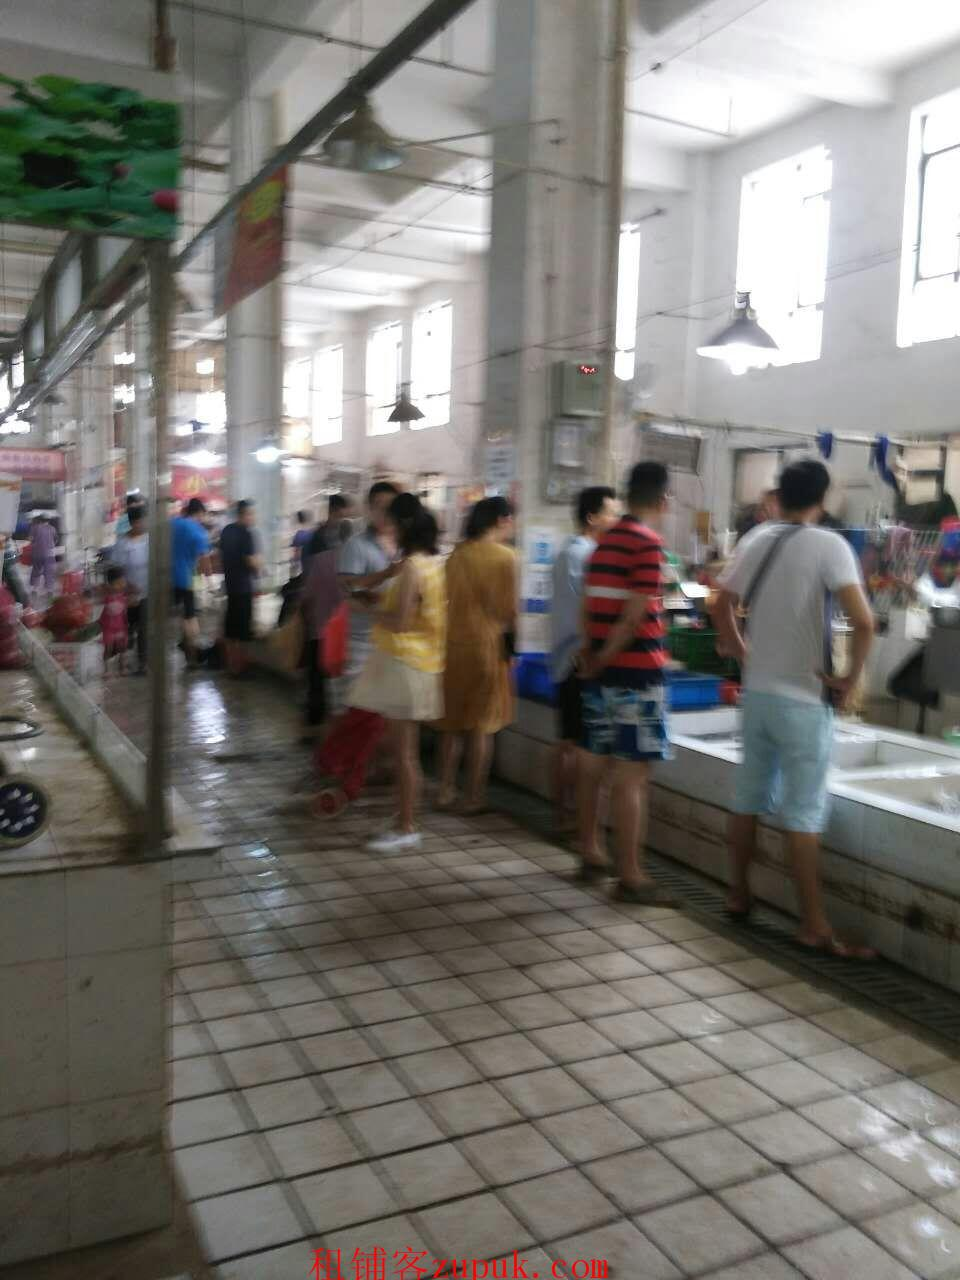 光谷 高新二路 关南生鲜菜市场 水产摊位档口转让或转租